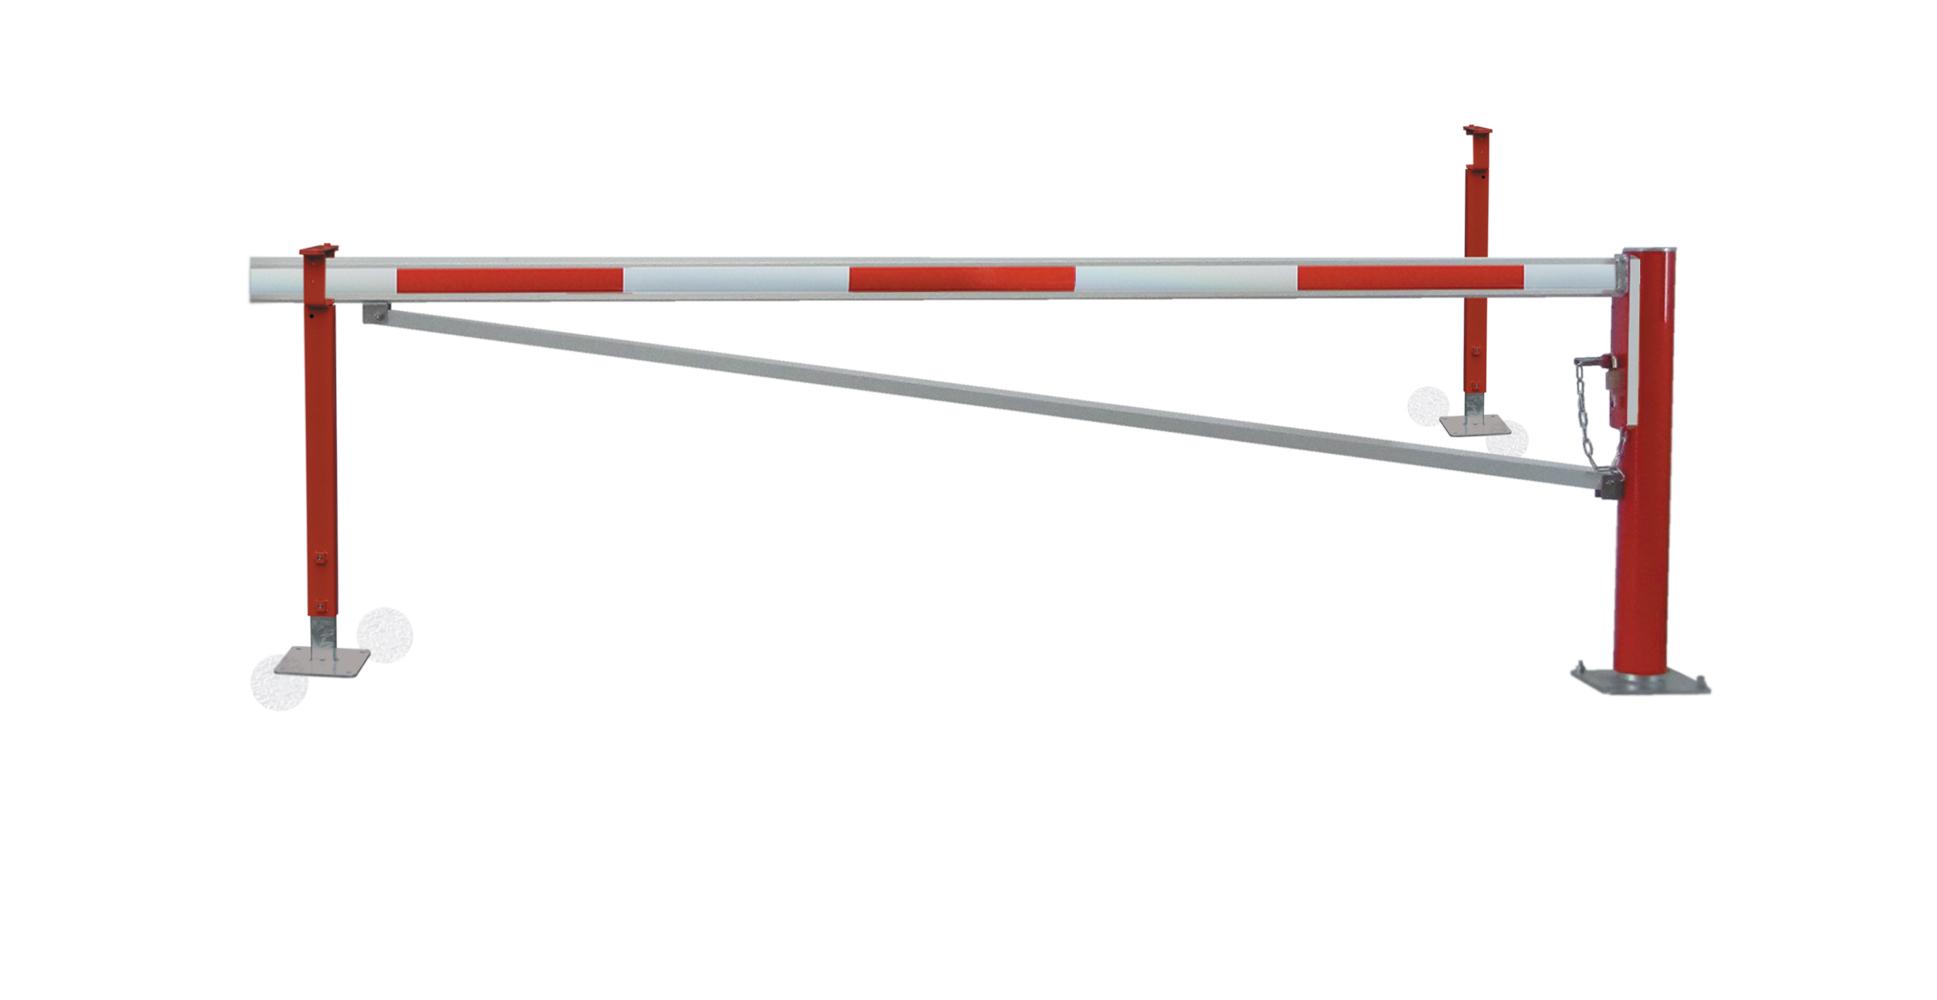 Drehsperre mit 2 Auflagepfosten und Diagonalstrebe